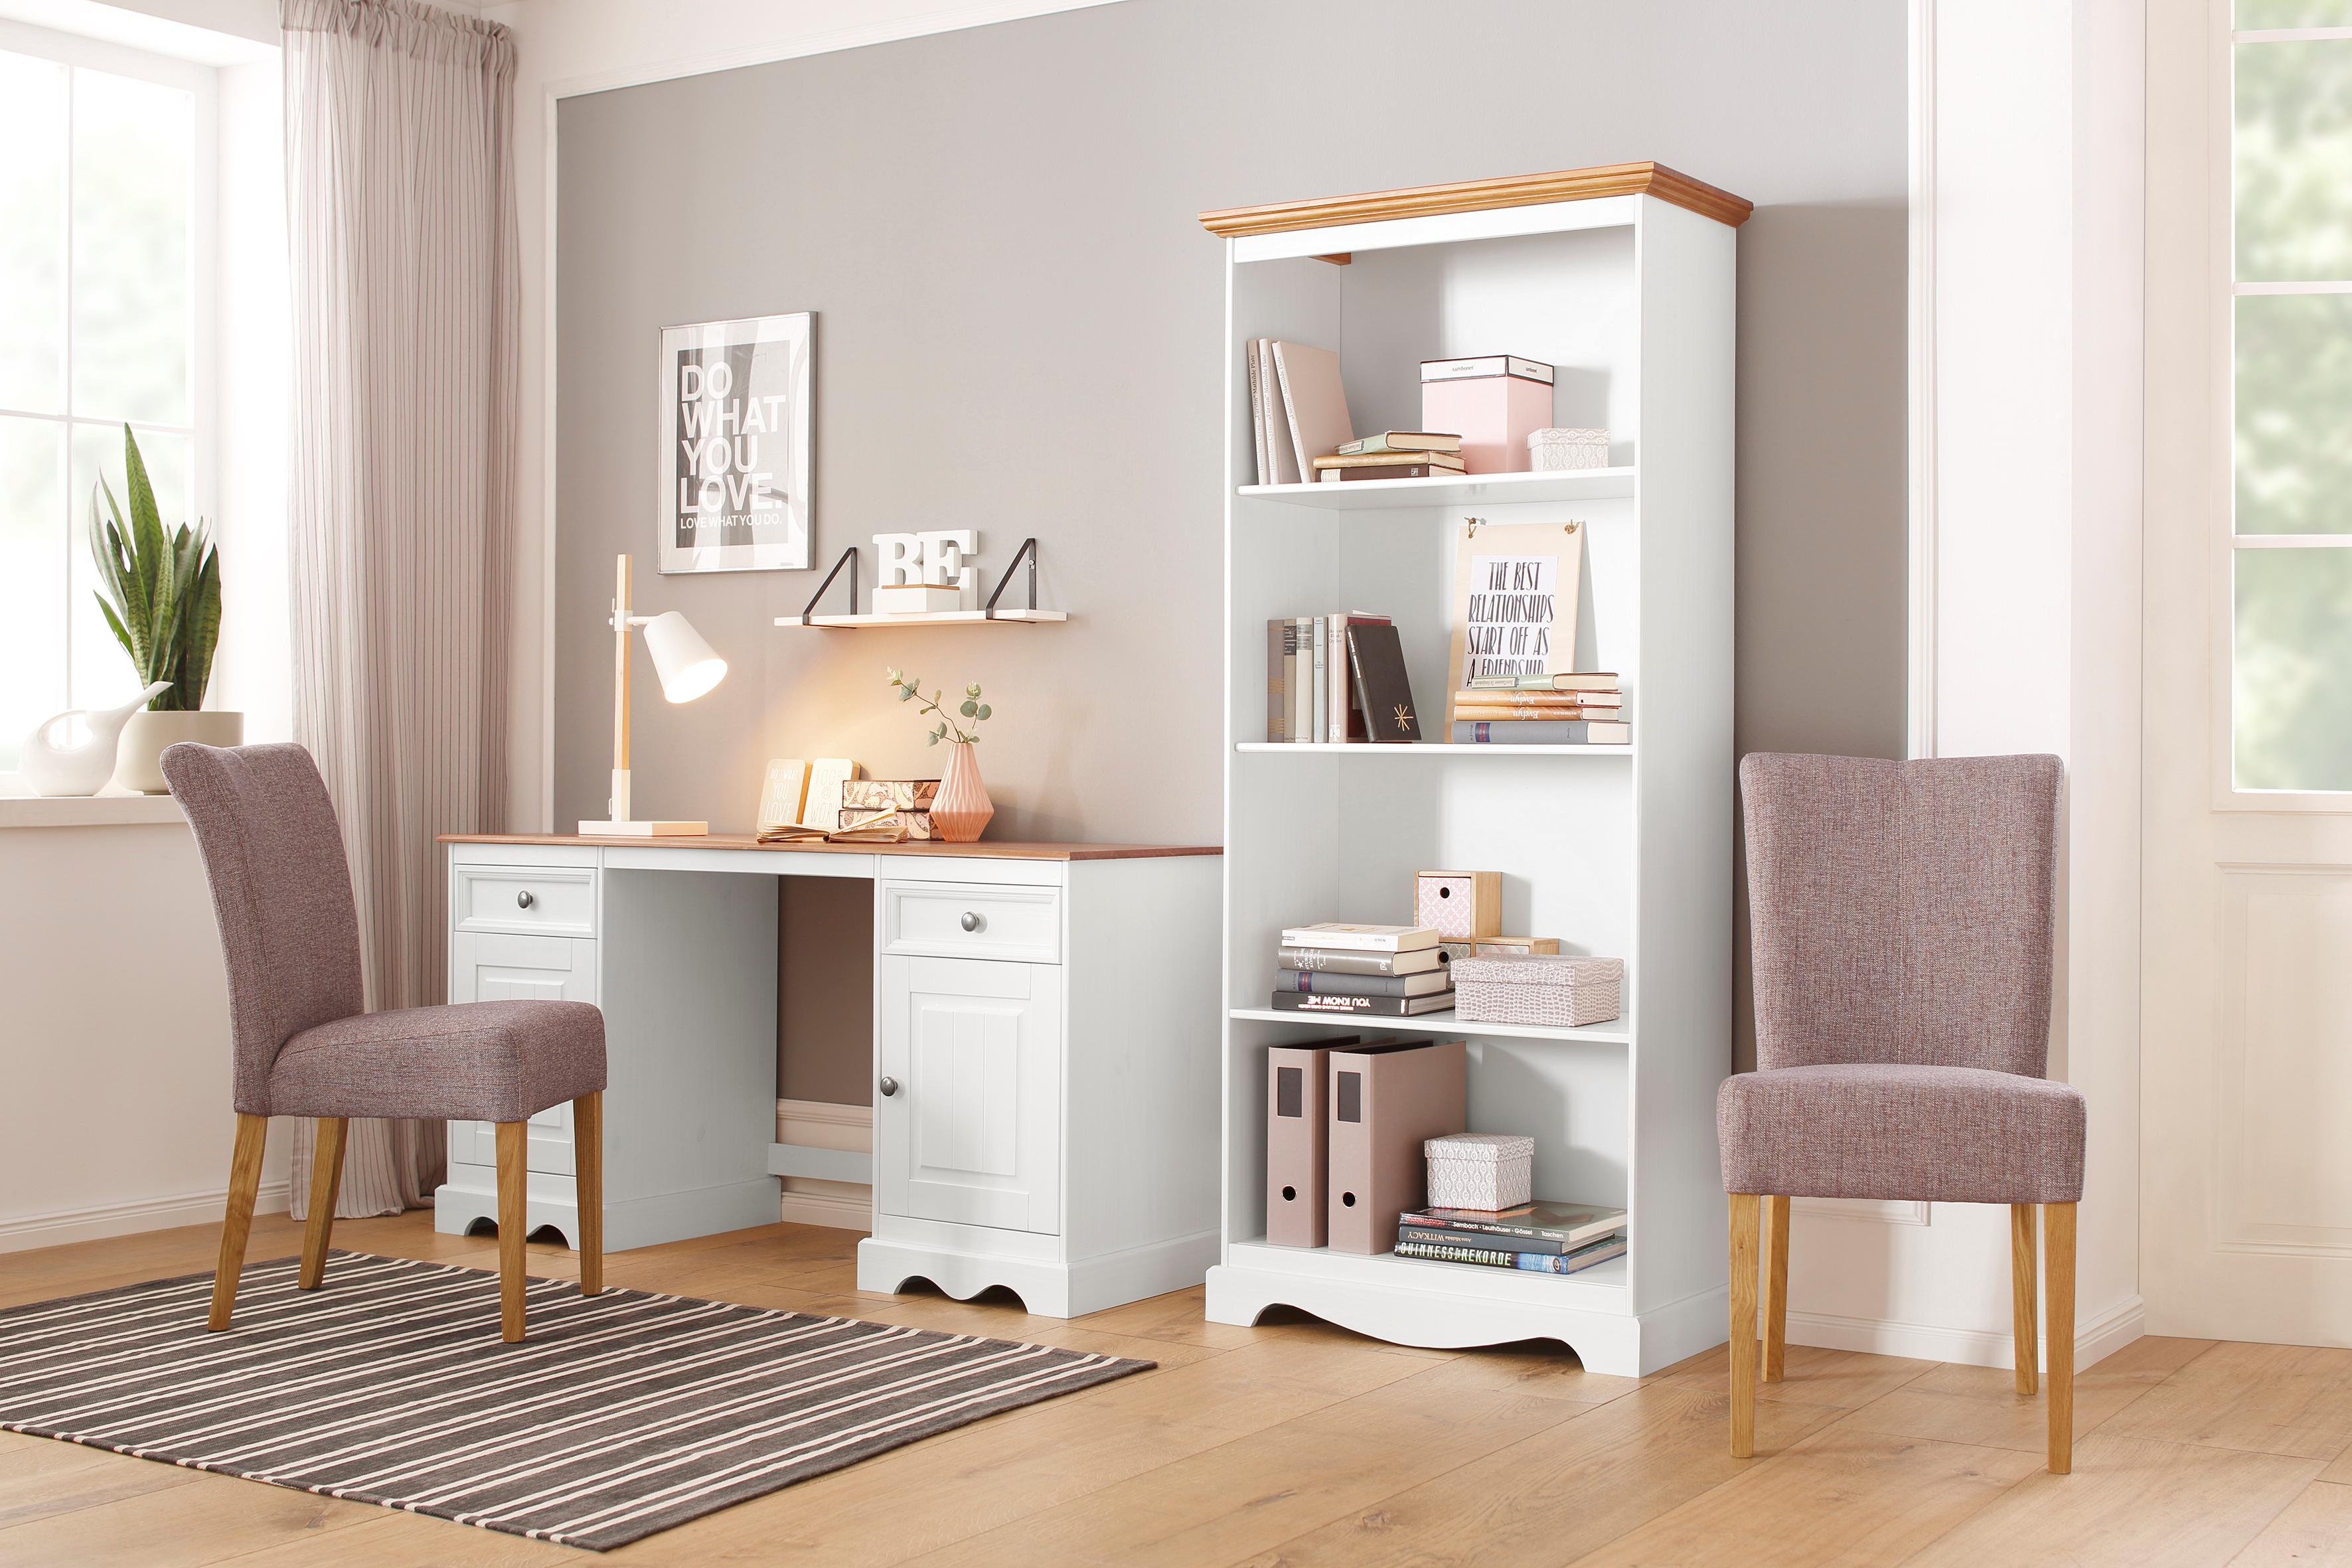 Home affaire Schreibtisch Melissa aus massiver Kiefer mit 2 Türen und 2 Schubladen Breite 150 cm